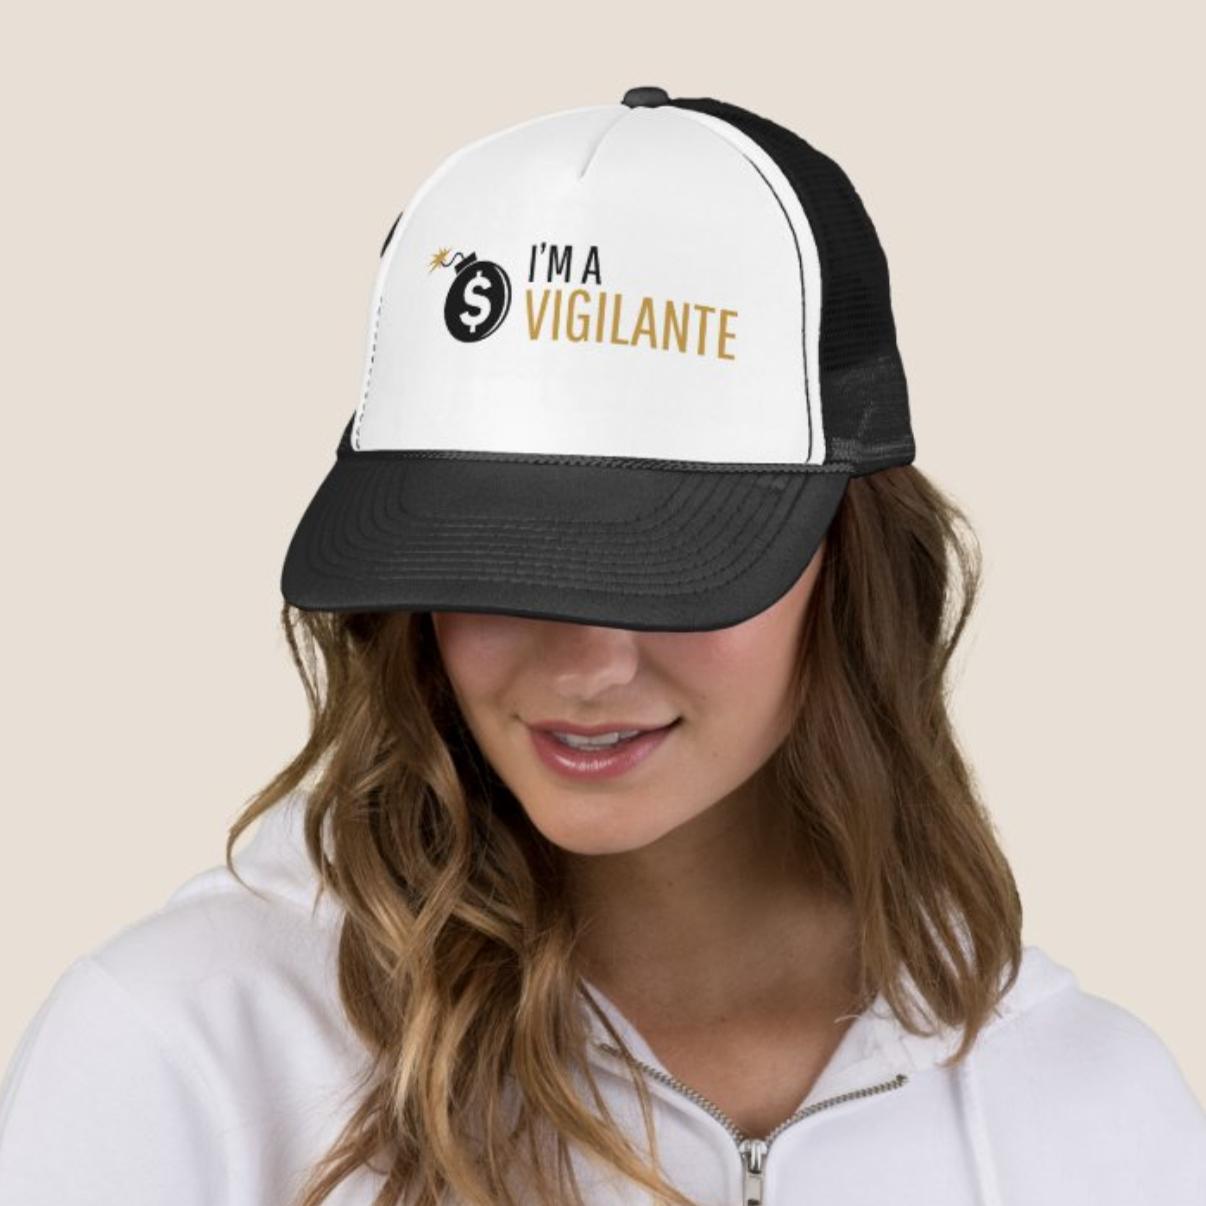 im a vigilante hat